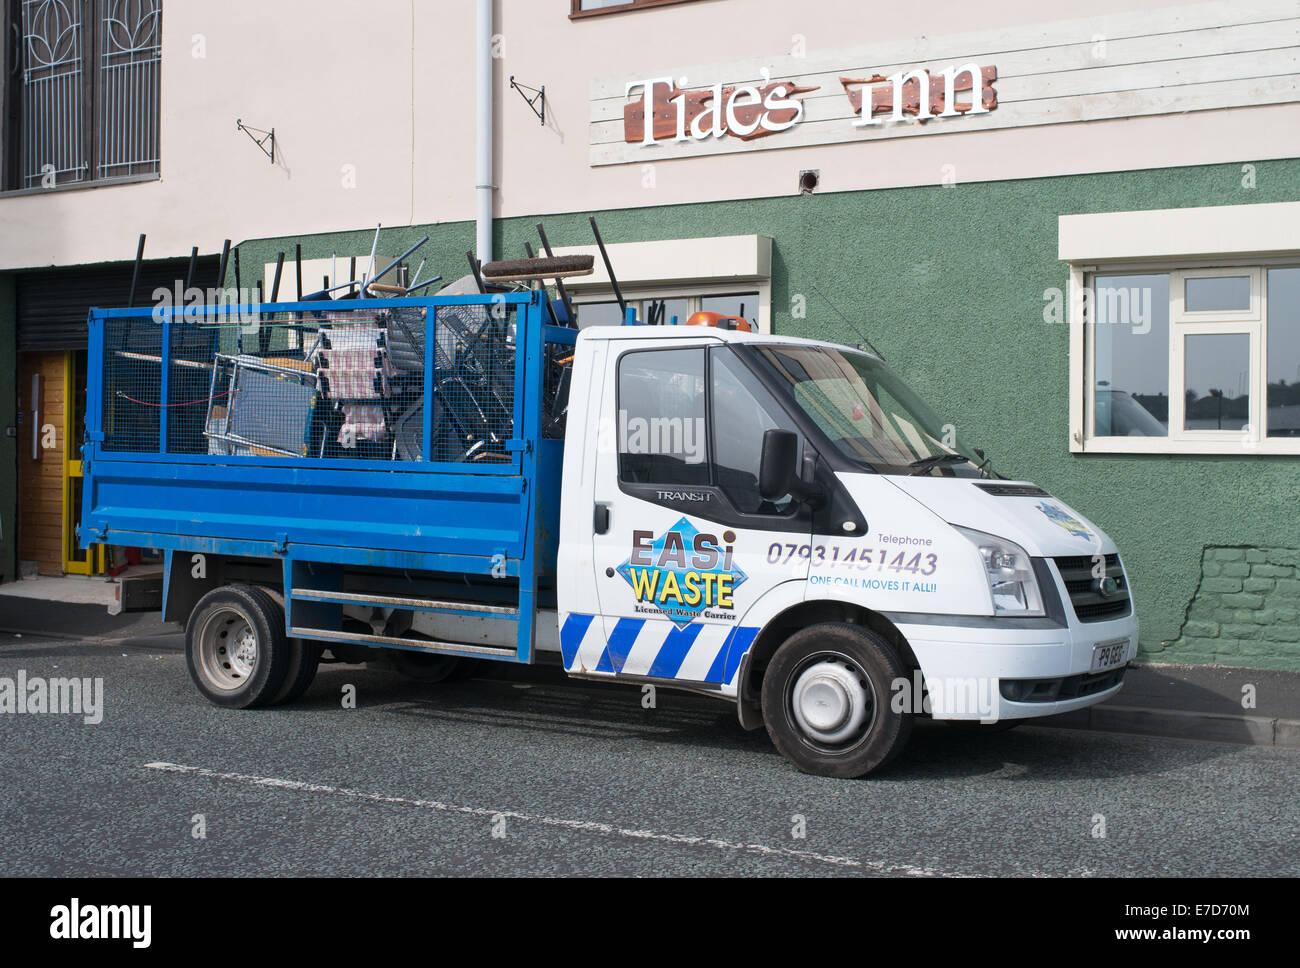 Easi Rifiuti, rifiuti con licenza gestore del carrello, le protezioni del nord, nord-est, England, Regno Unito Immagini Stock